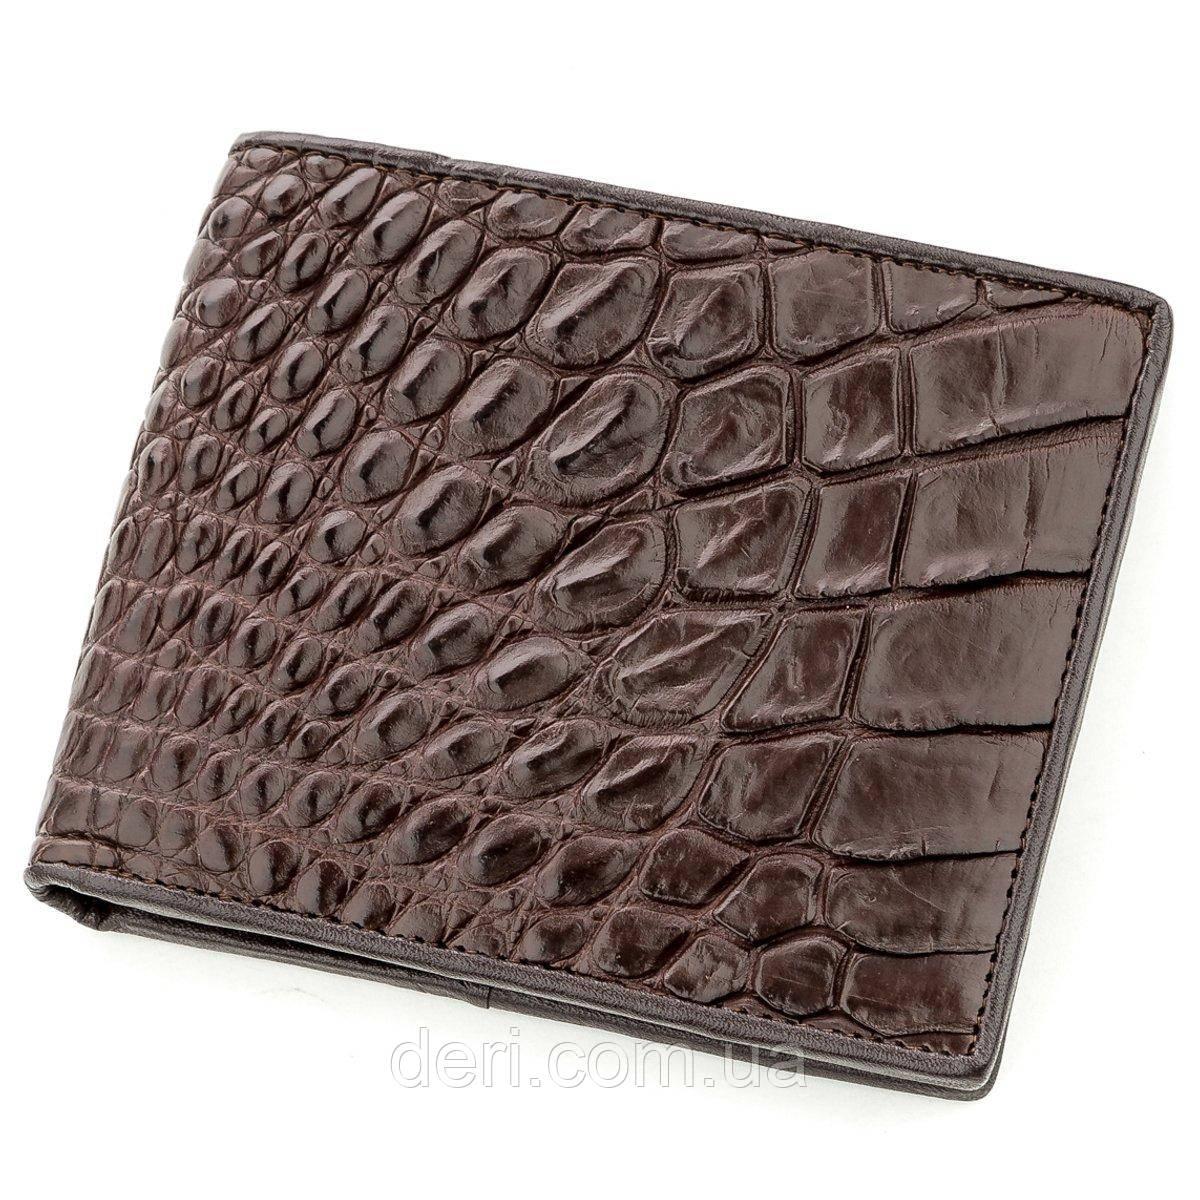 Коричневый бумажник мужской из натуральной кожи крокодила CROCODILE LEATHER